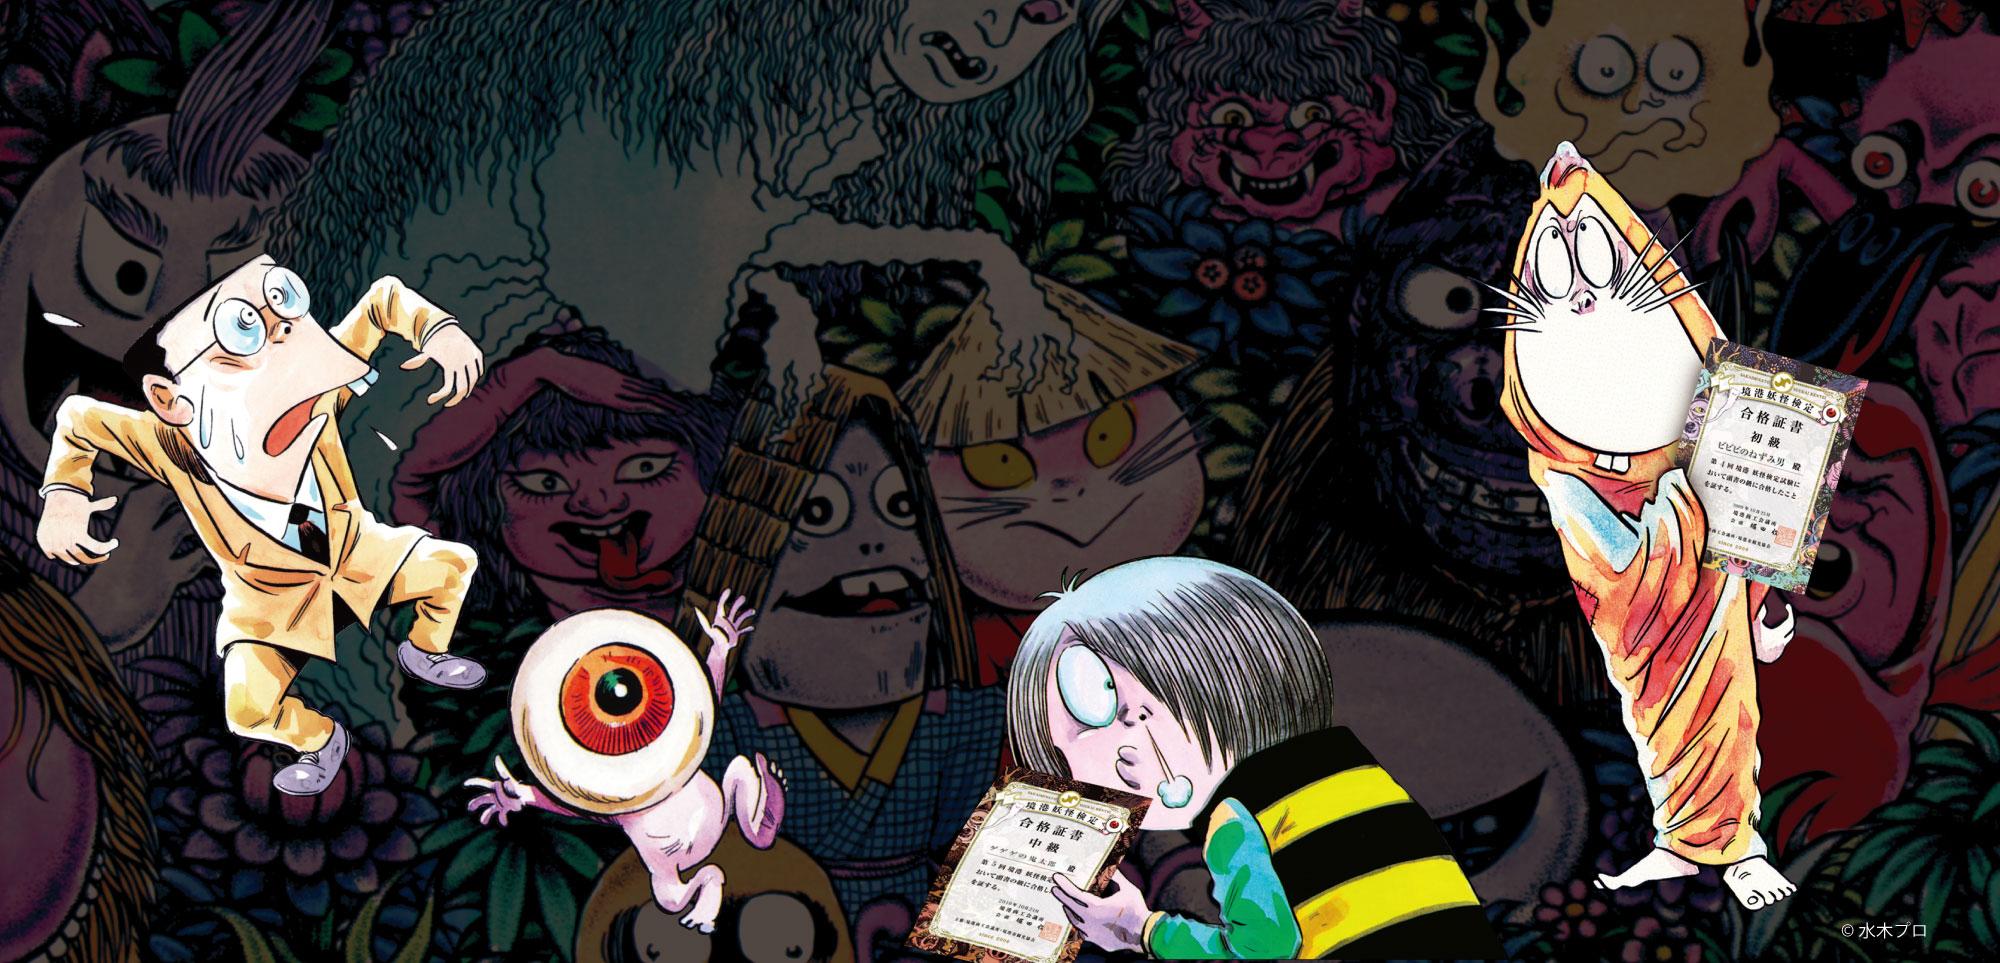 日本各地に伝わる妖怪等についての知識を認定、「境港妖怪検定」【連載:アキラの着目】